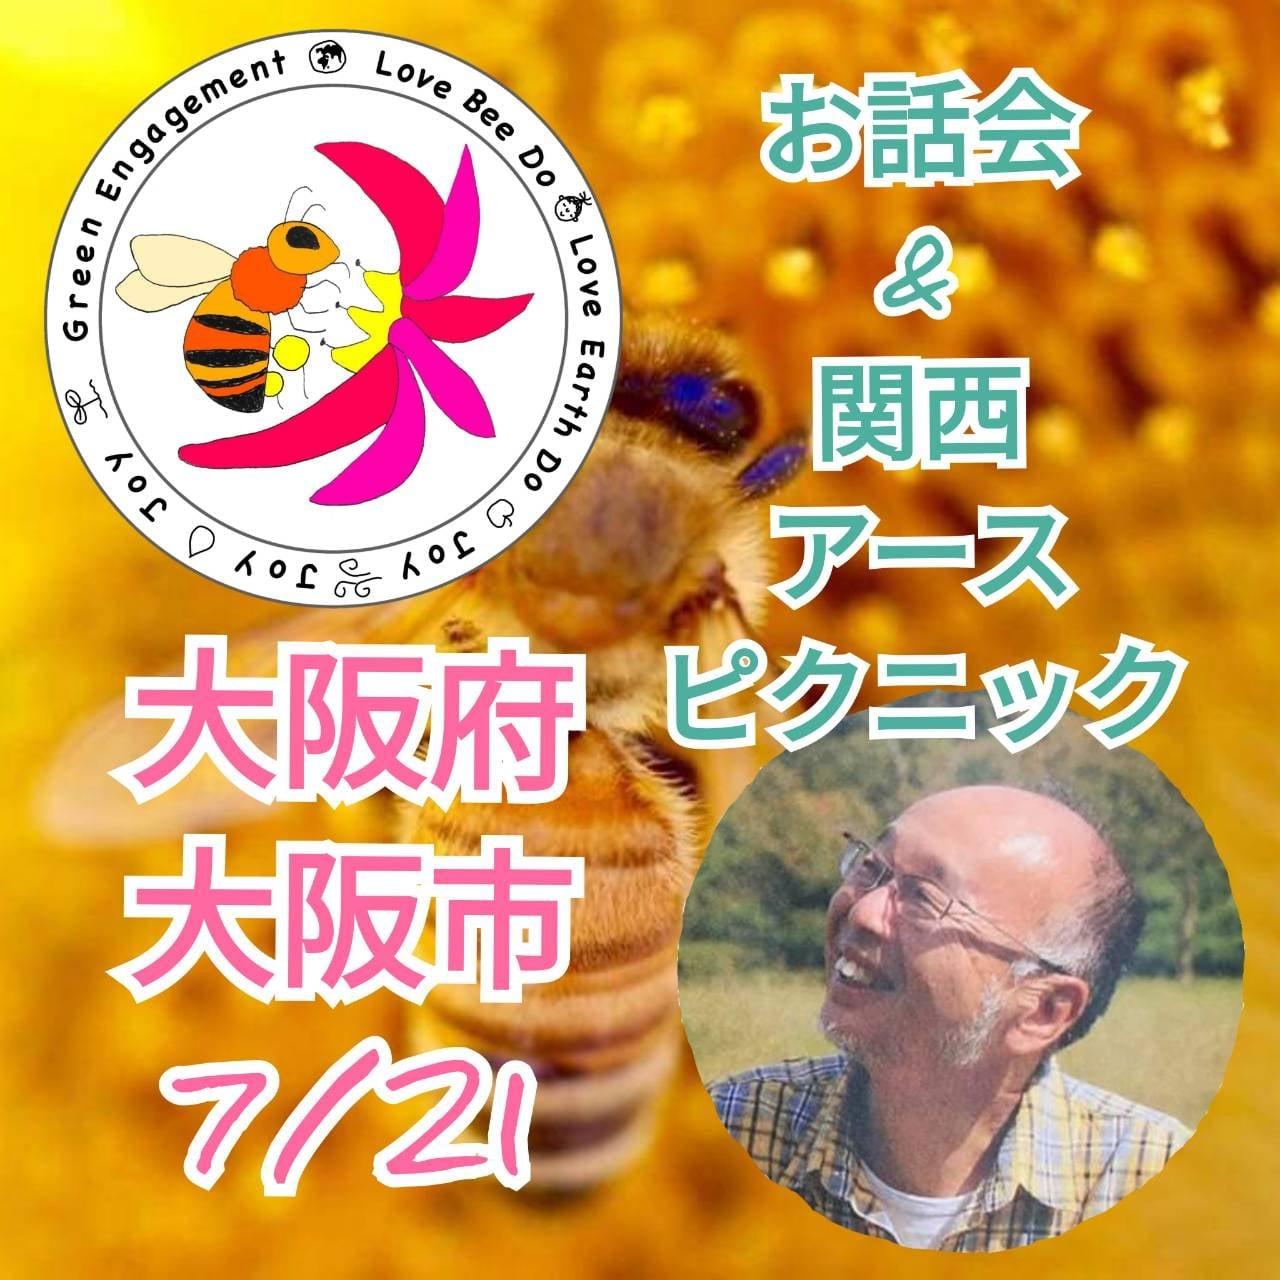 7月21日(日)大阪府大阪市 ハニーさんのお話会&関西アースピクニックのイメージその1